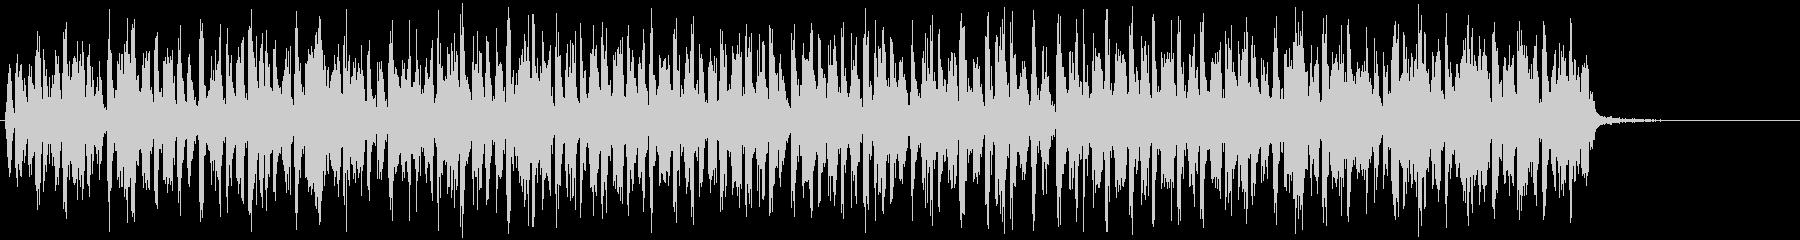 硬いラビングのきしみ音、短いストロ...の未再生の波形